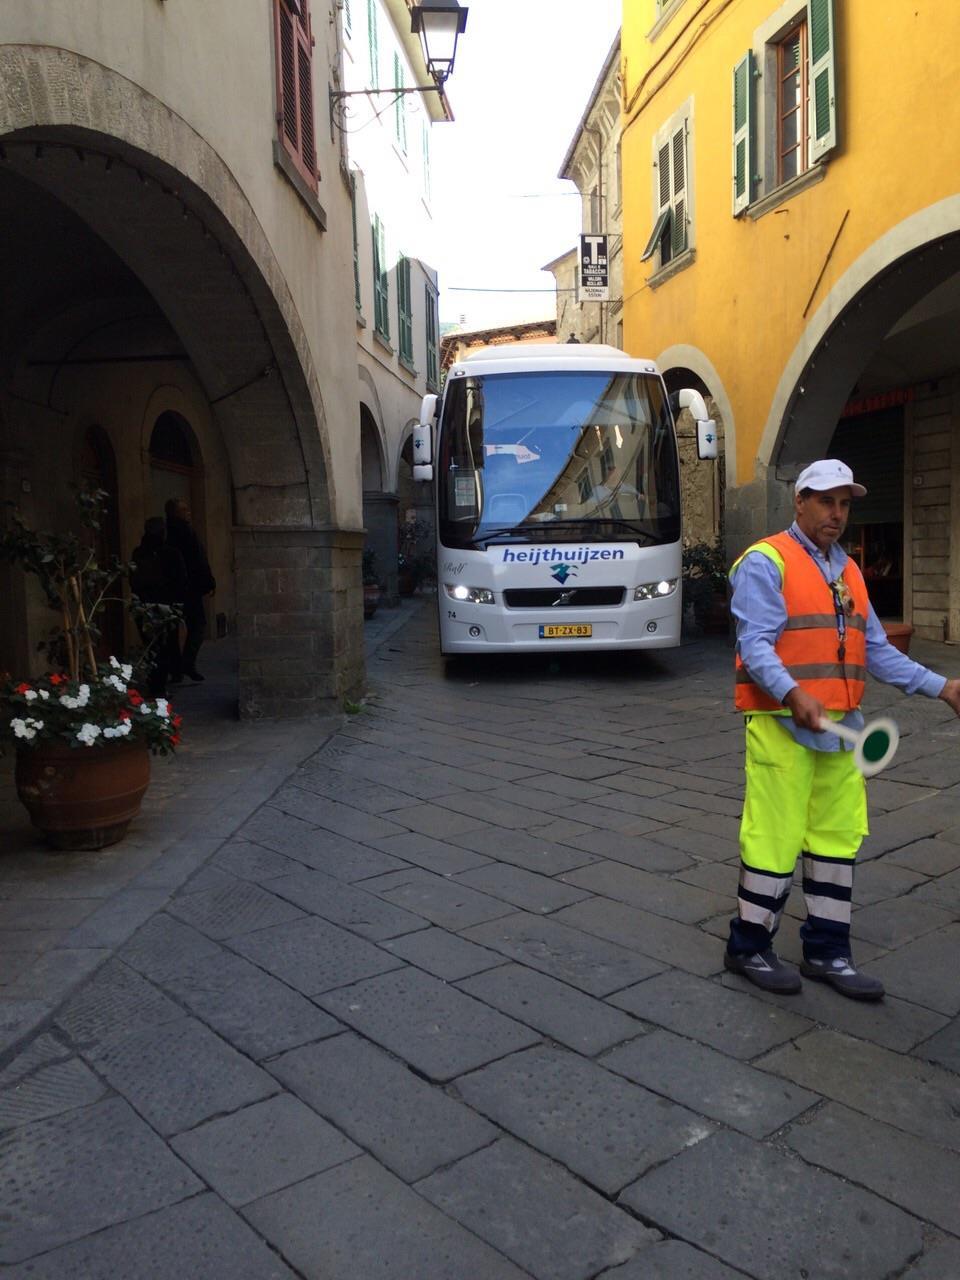 Stuurmanskunsten-nodig-in-Bagnone--Toscane--3-10-2014-